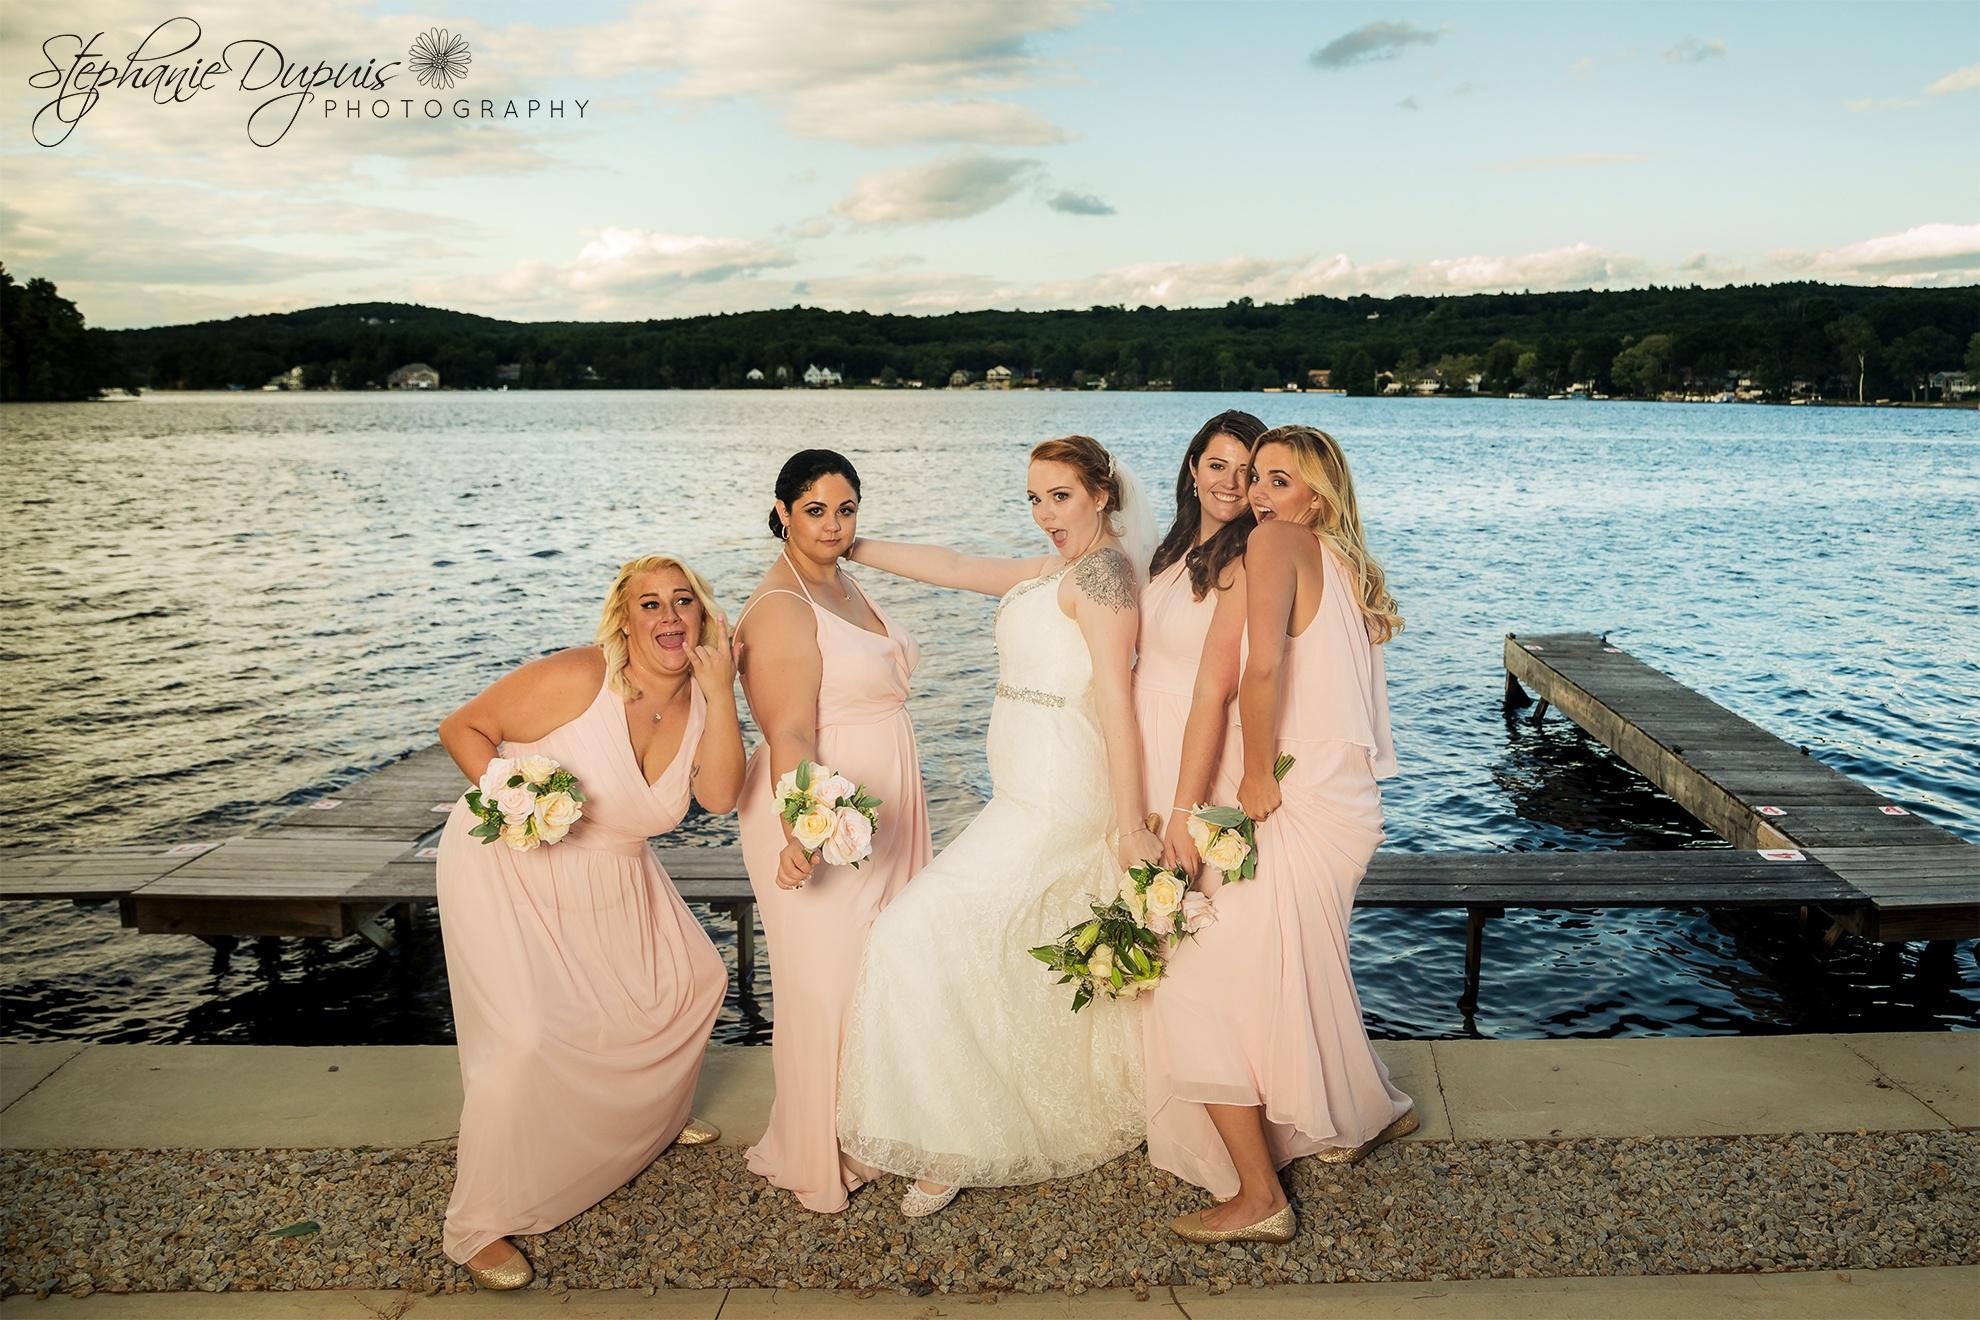 Gaffney 26 - Portfolio: Gaffney Wedding